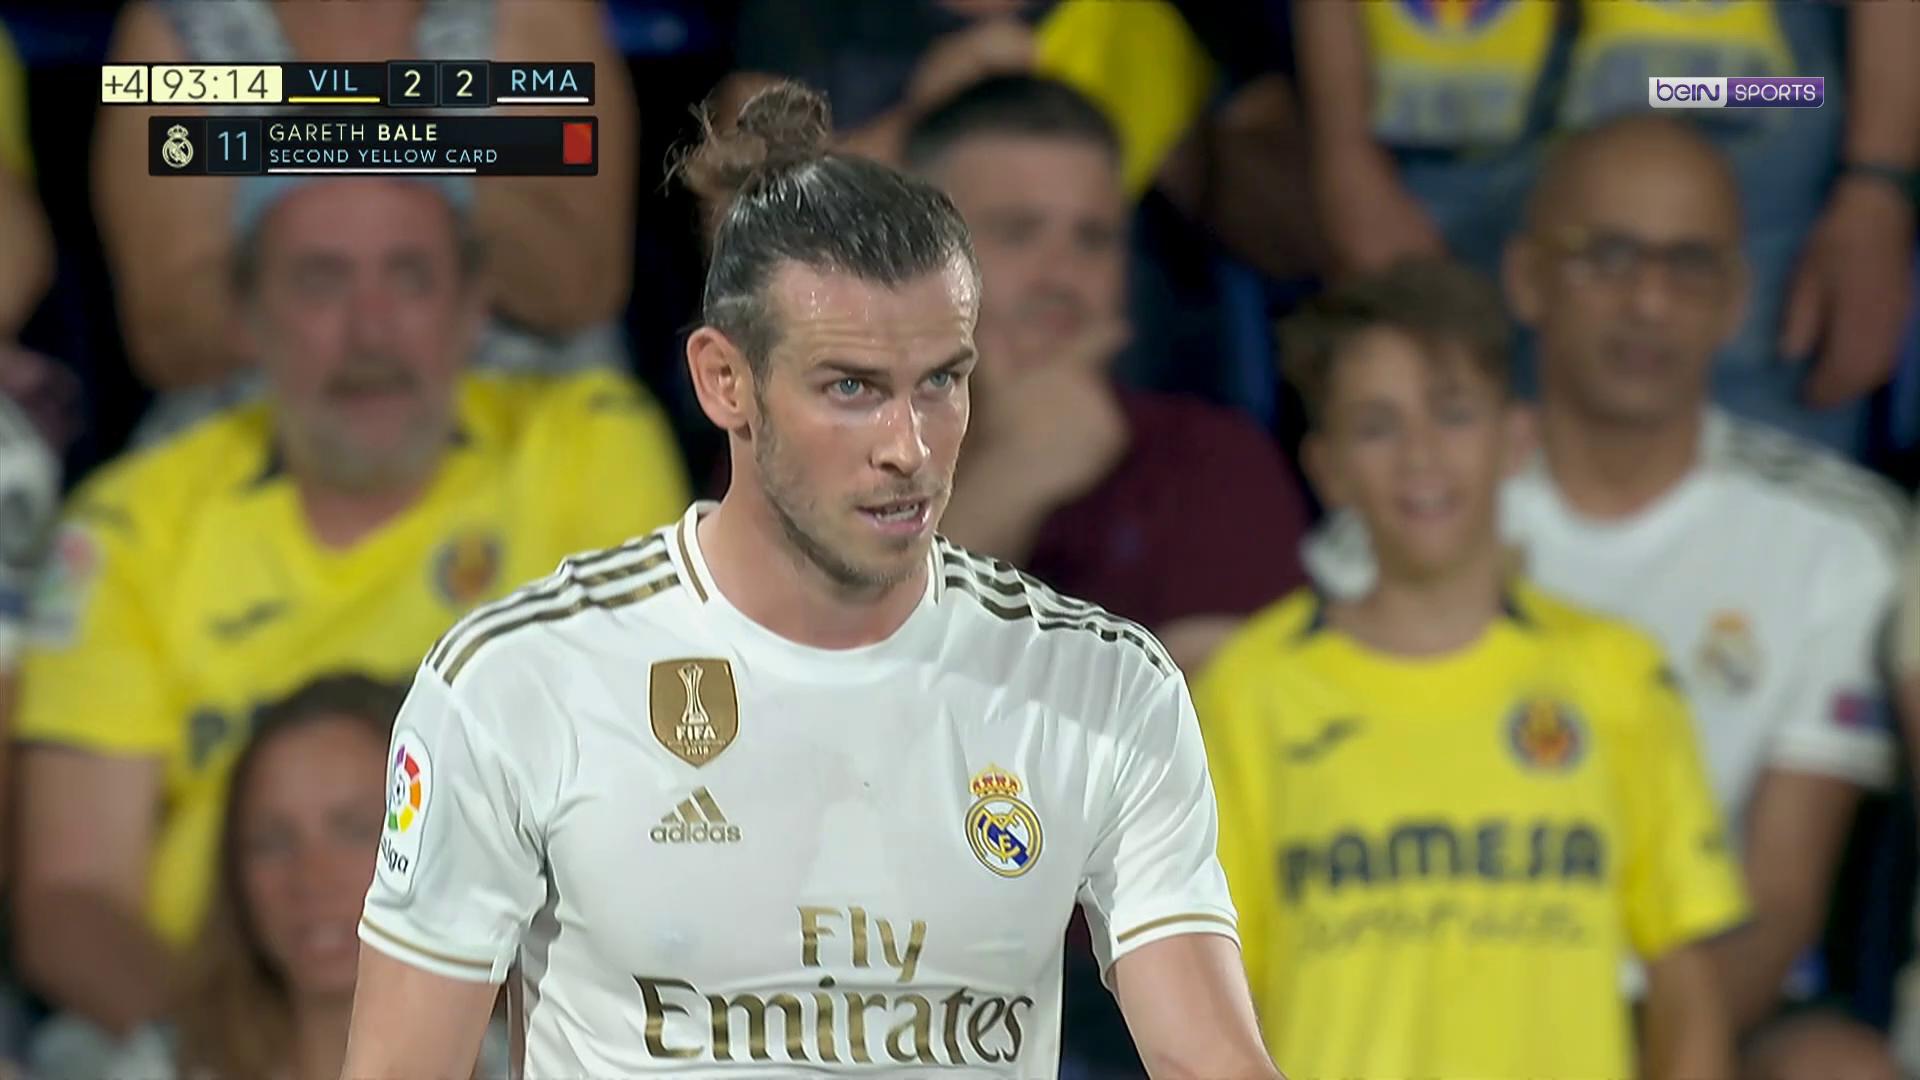 Liga : Deux cartons jaunes en 1 minute pour Bale !